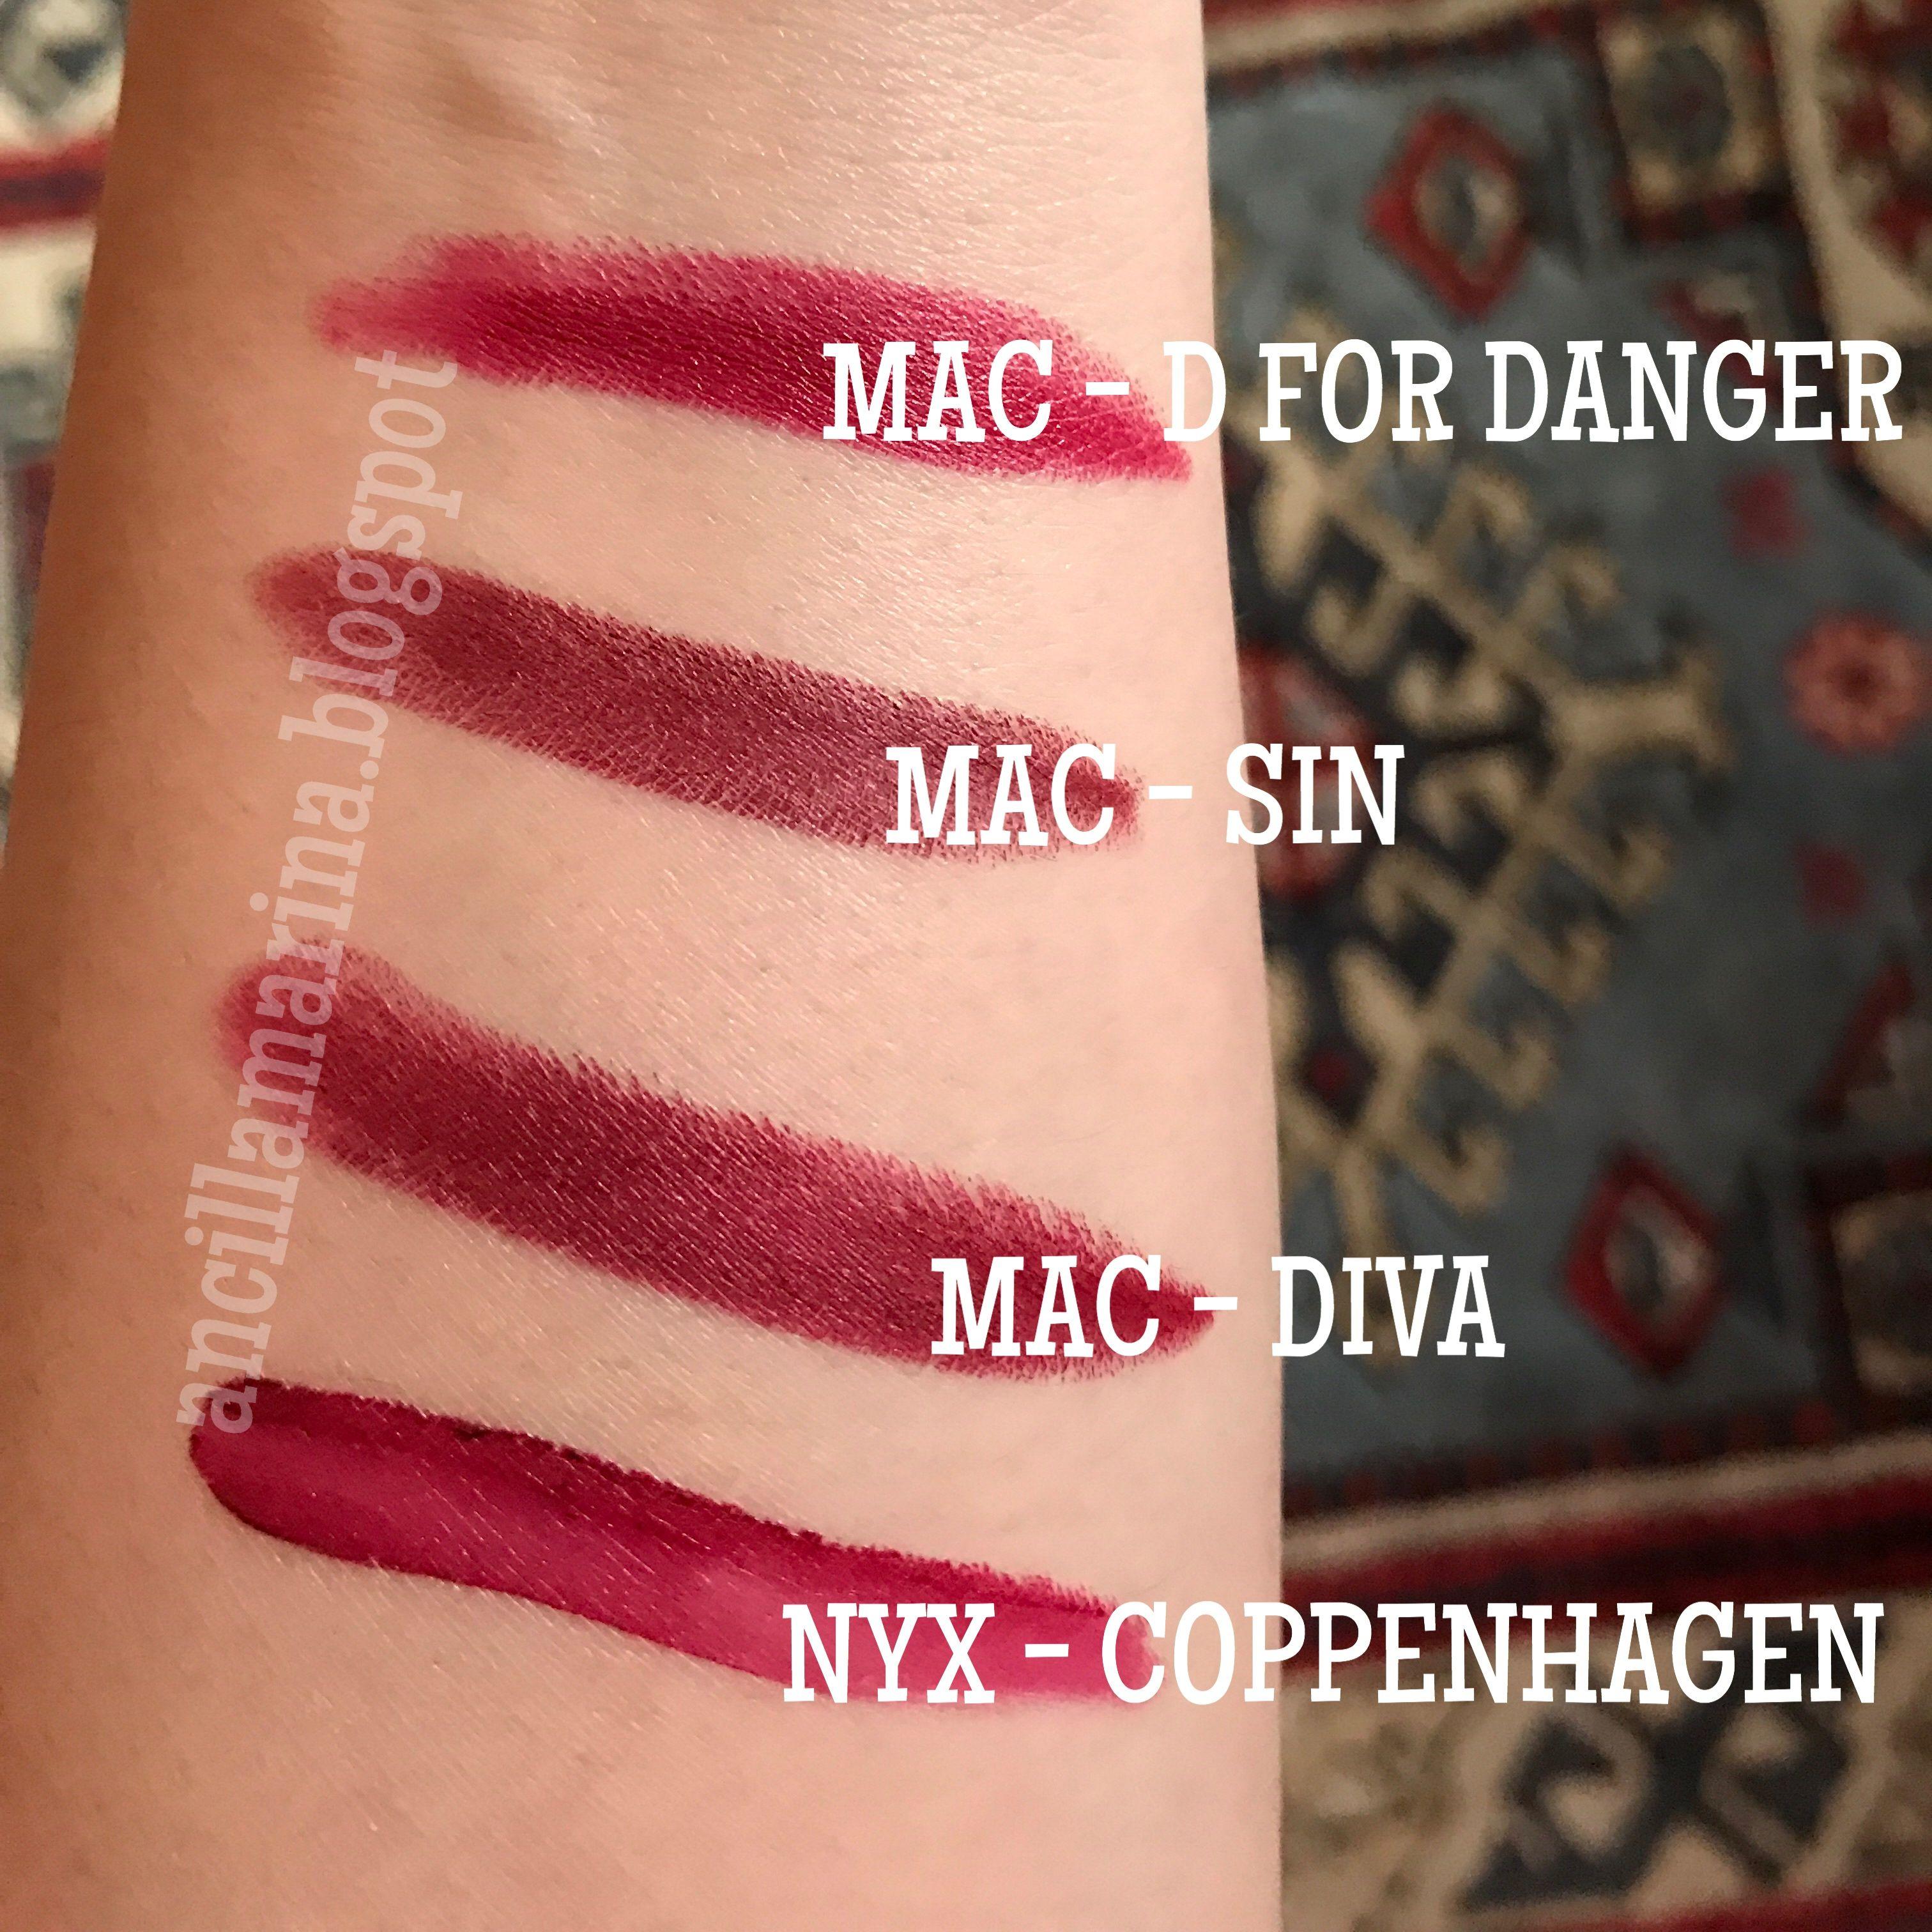 MAC D for Danger vs MAC Sin vs MAC Diva vs NYX Coppenhagen ...